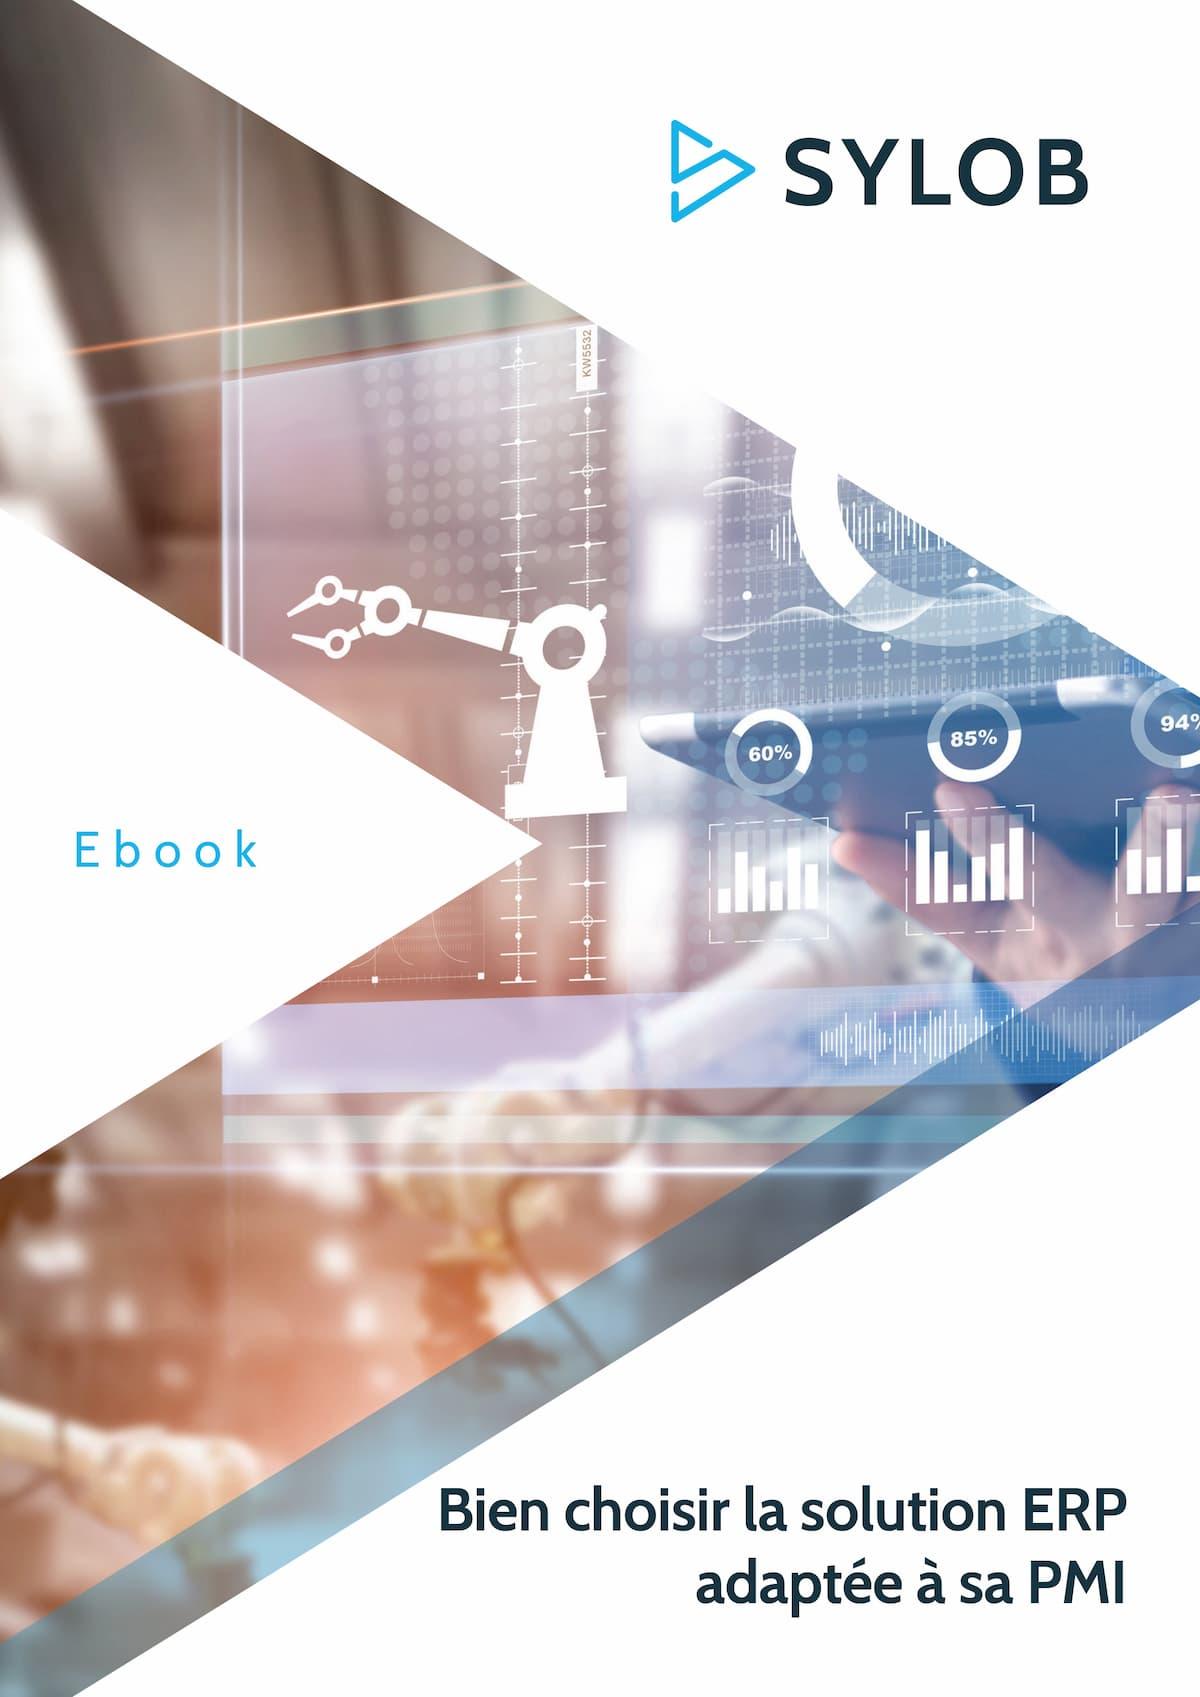 Guide-Bien-choisir-ERP-PMI